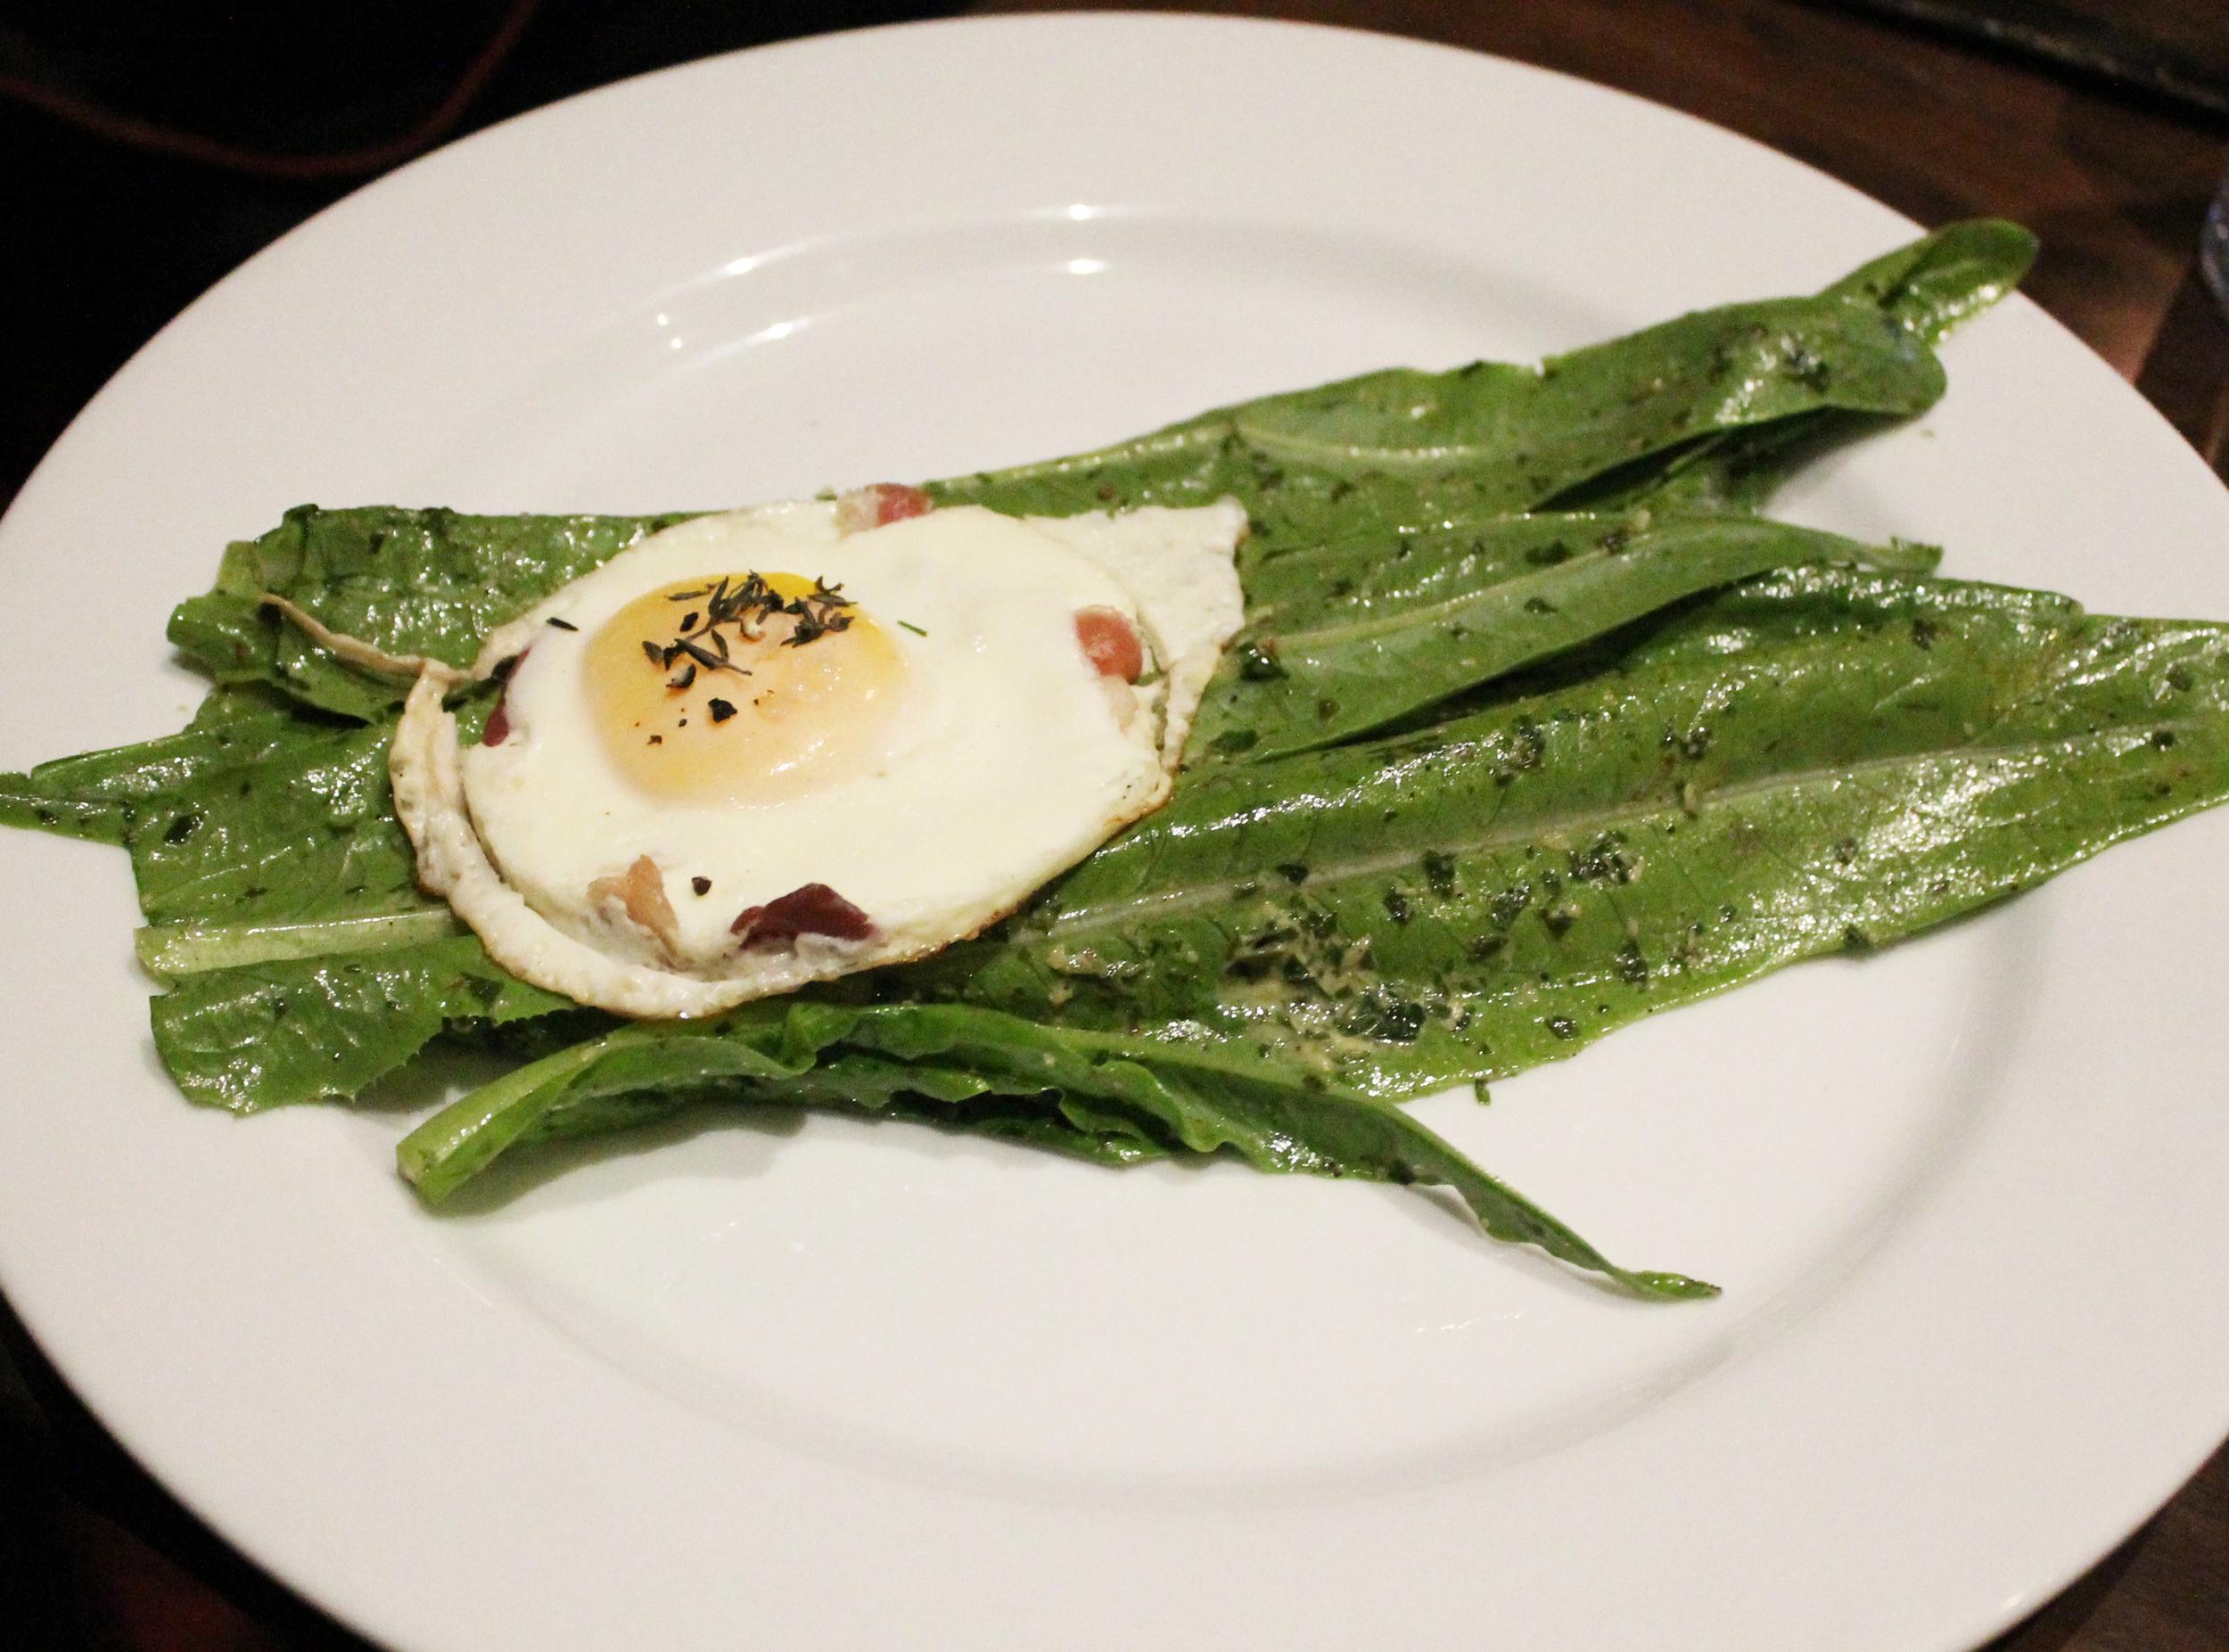 Sword Lettuce Salad: Fertile runny egg, proscuitto, asian green goddess